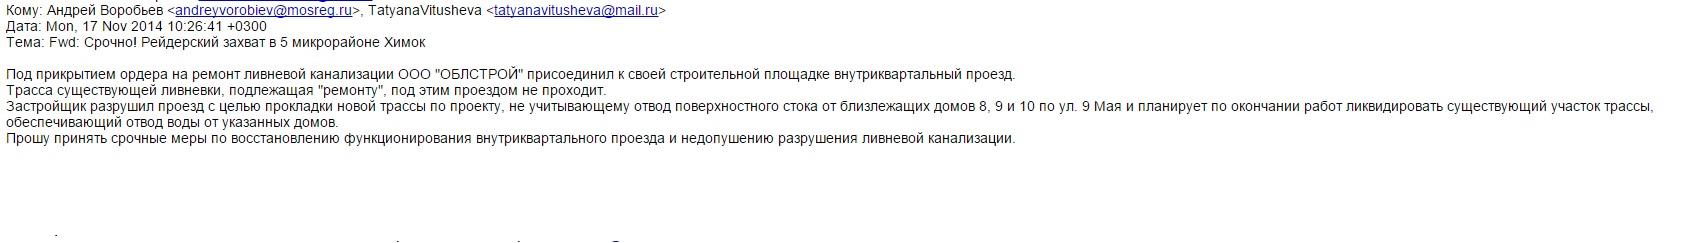 Тихимирова 17-11-2014 губернатору и в госадмтехнадзор